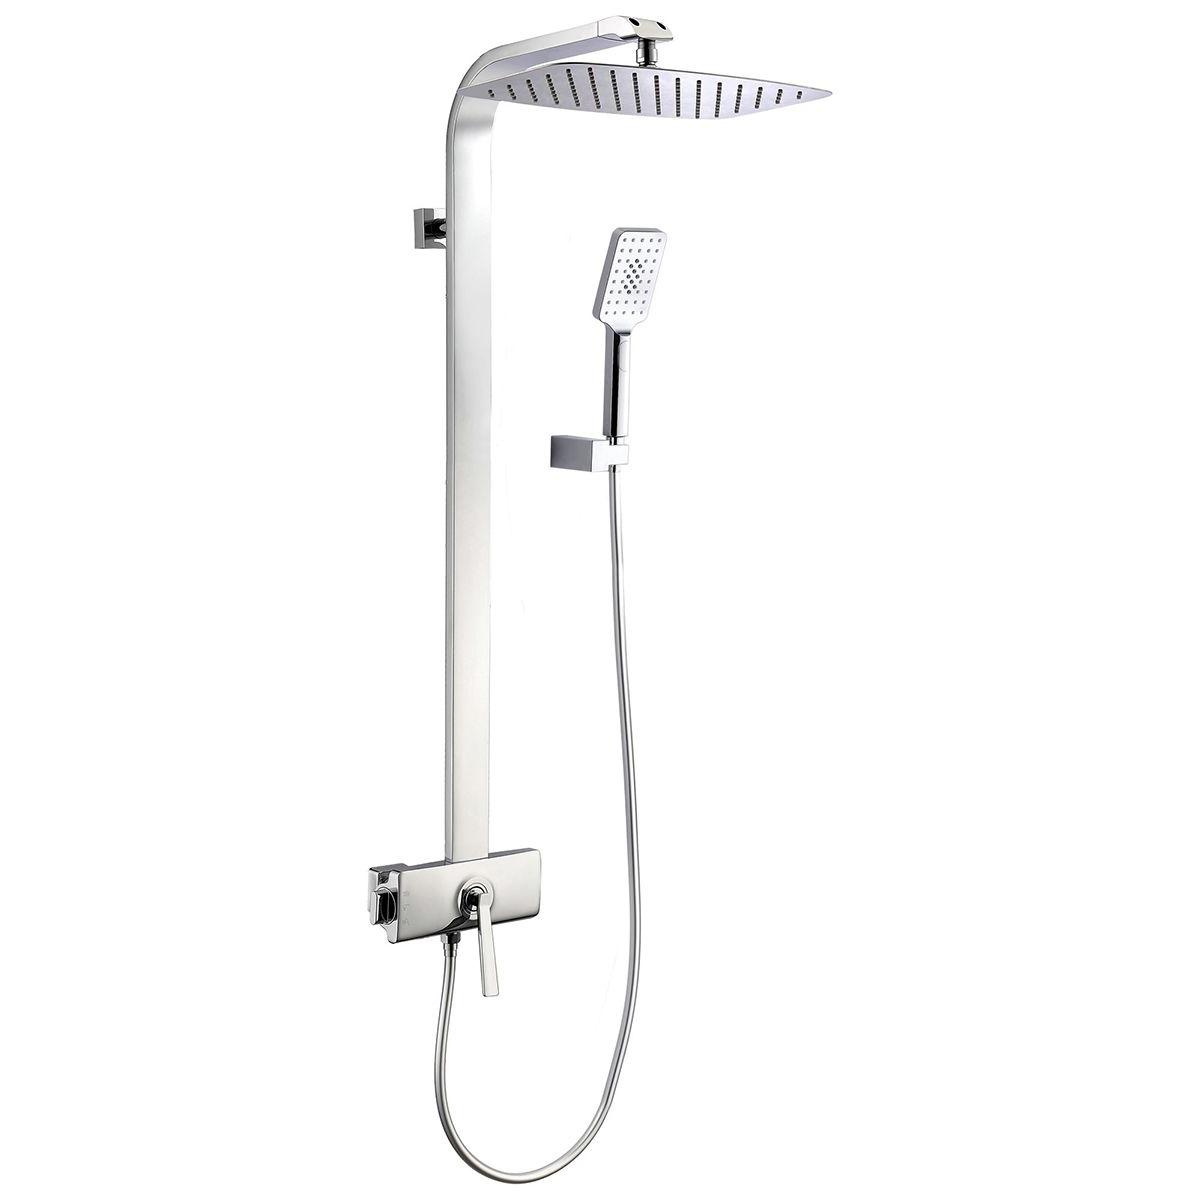 Душевая стойка Timo Halti SX-4190/00 chrome душевая система timo nelson для ванны хром sx 1290 00 chrome